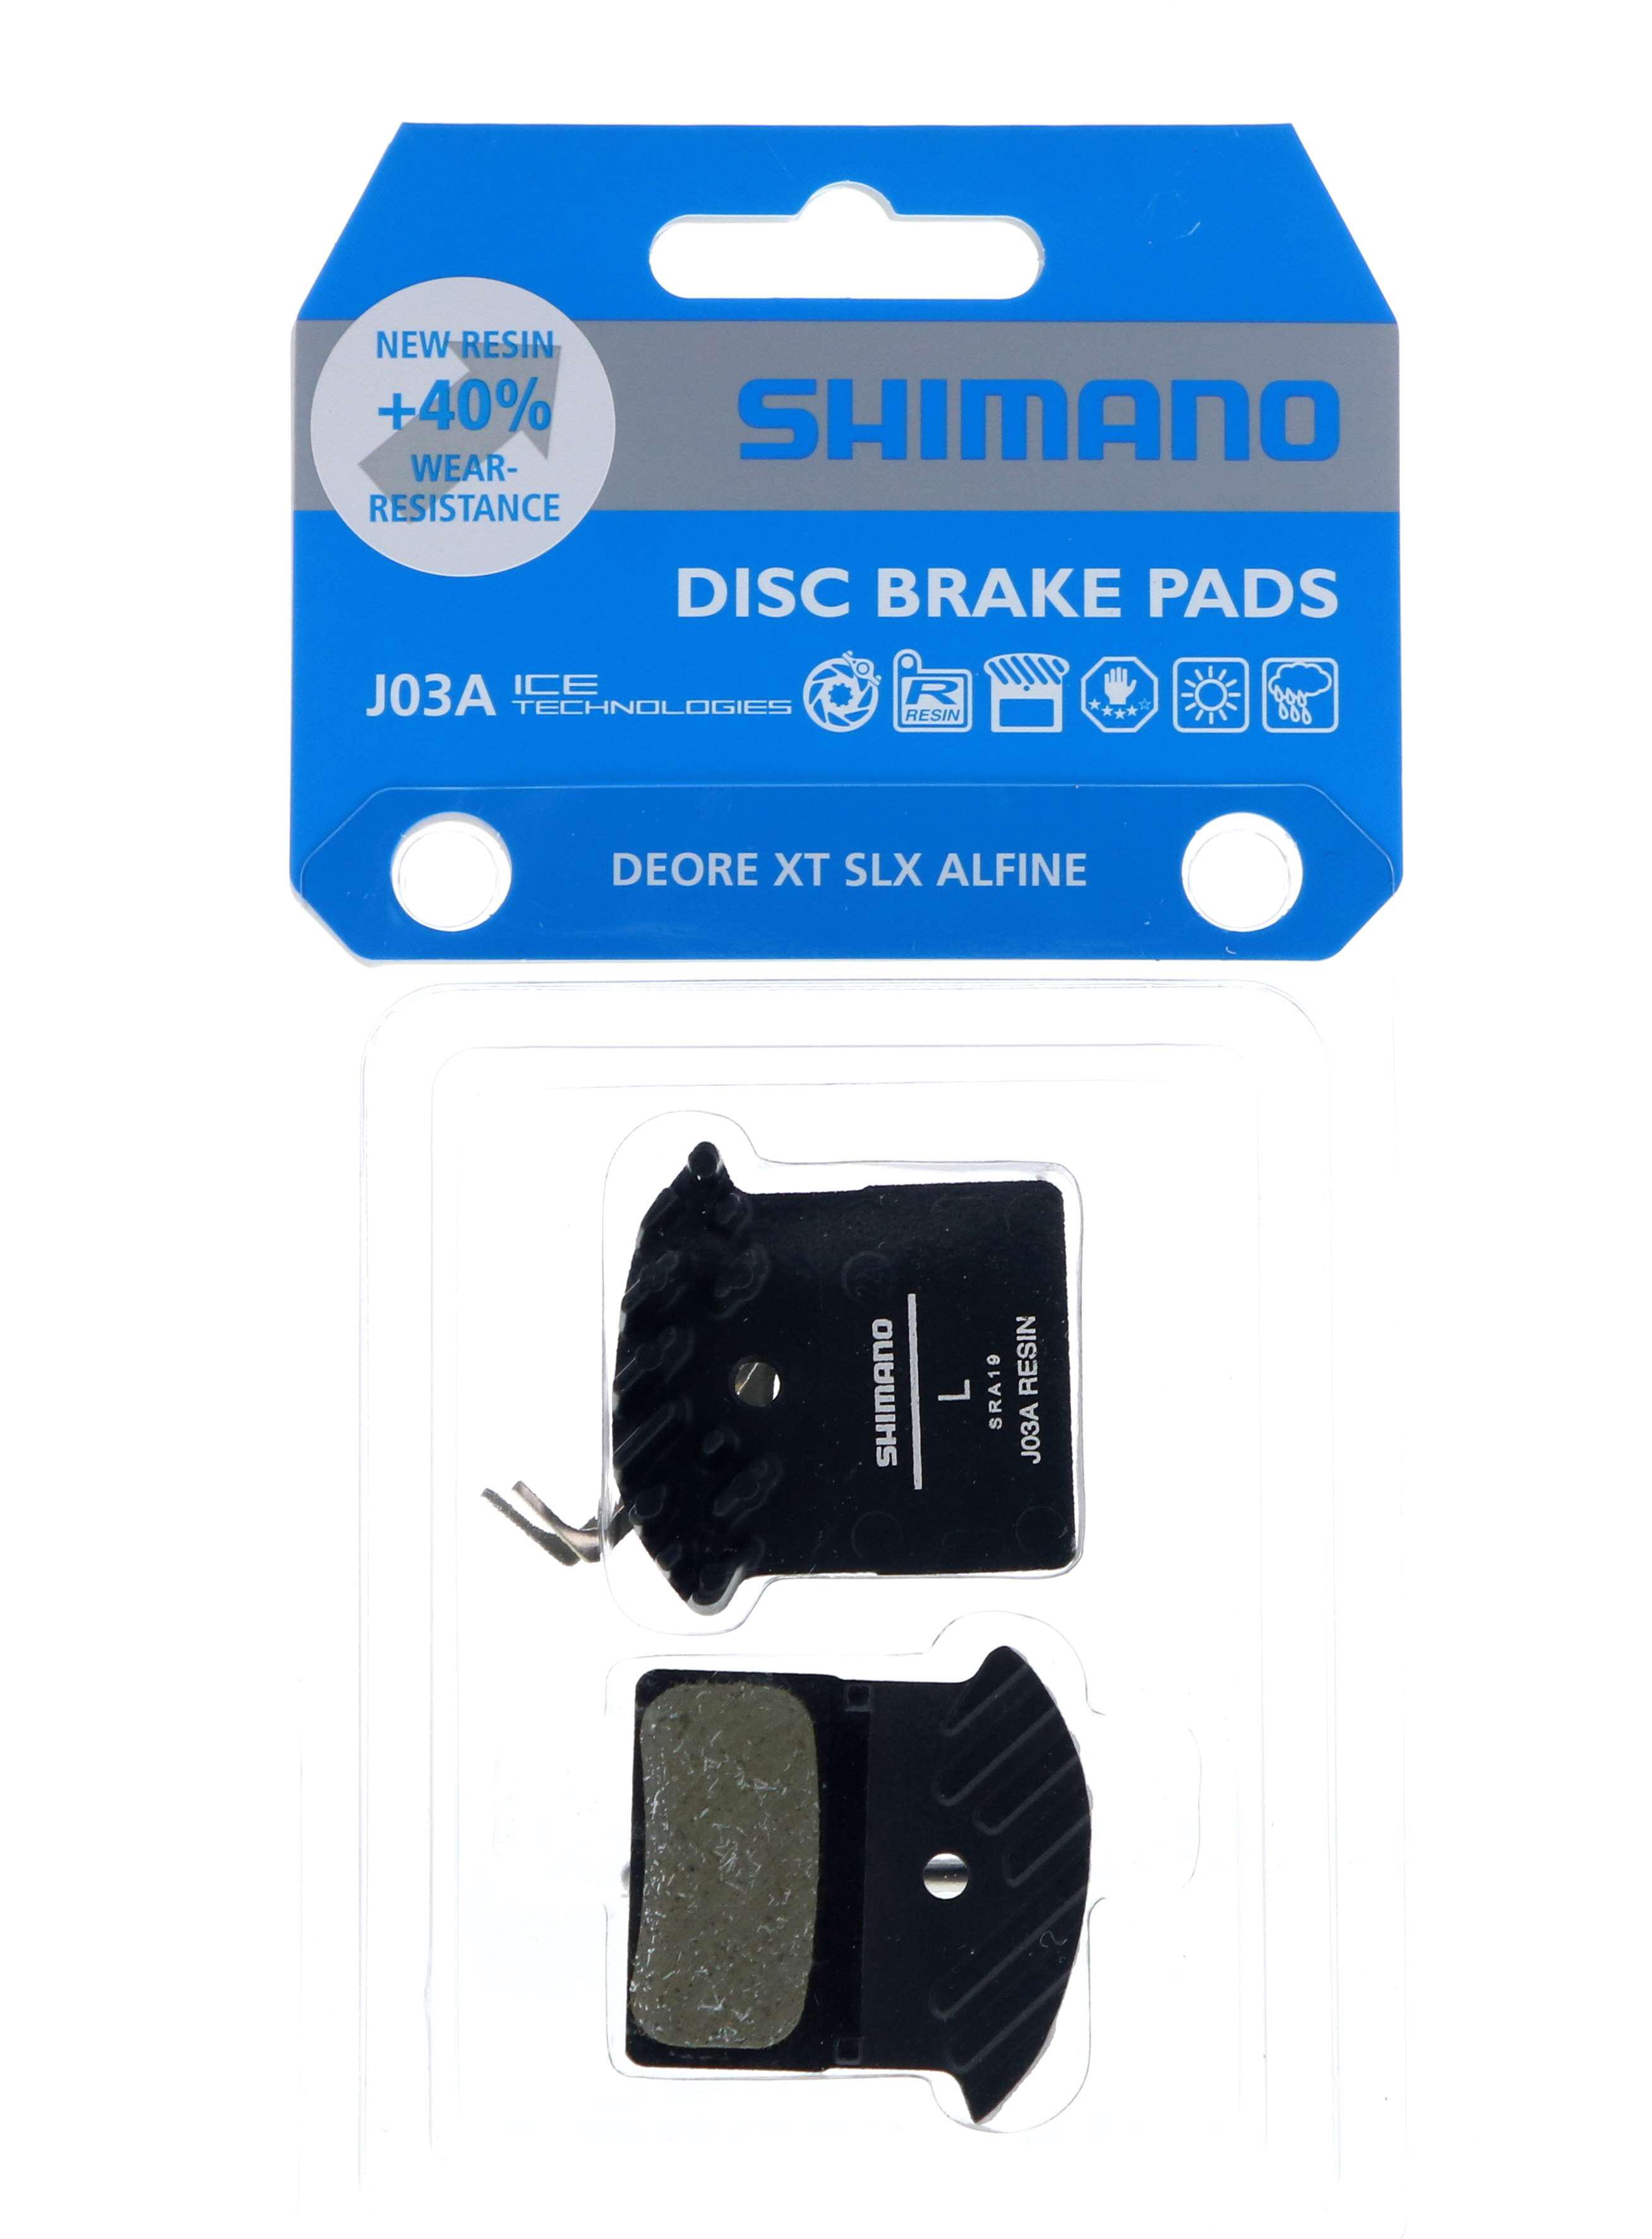 ผ้าเบรคดิส SHIMANO J03A XT BR-M8100 [RESIN]